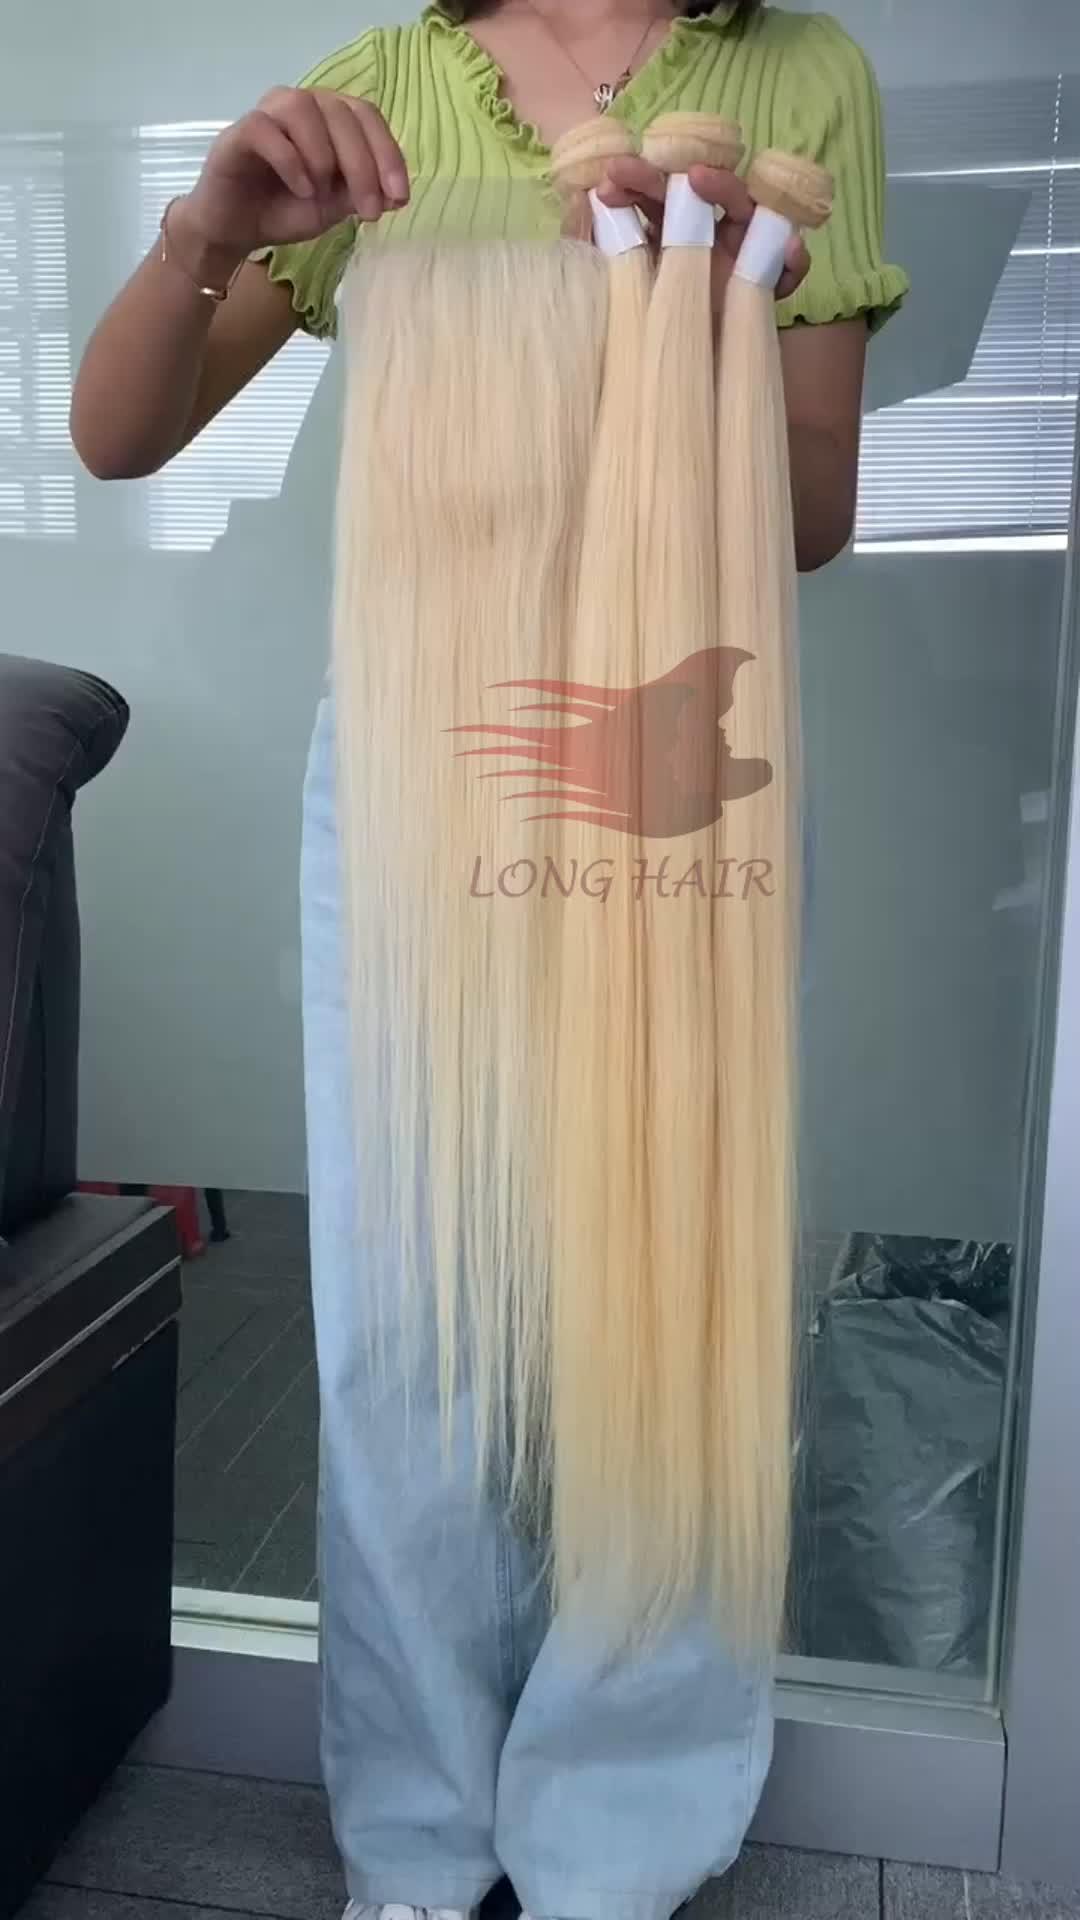 Recto sin procesar al por mayor ruso rubia paquetes crudo cabello rubio cabello virgen 613 rubia Virgen de la armadura del pelo humano